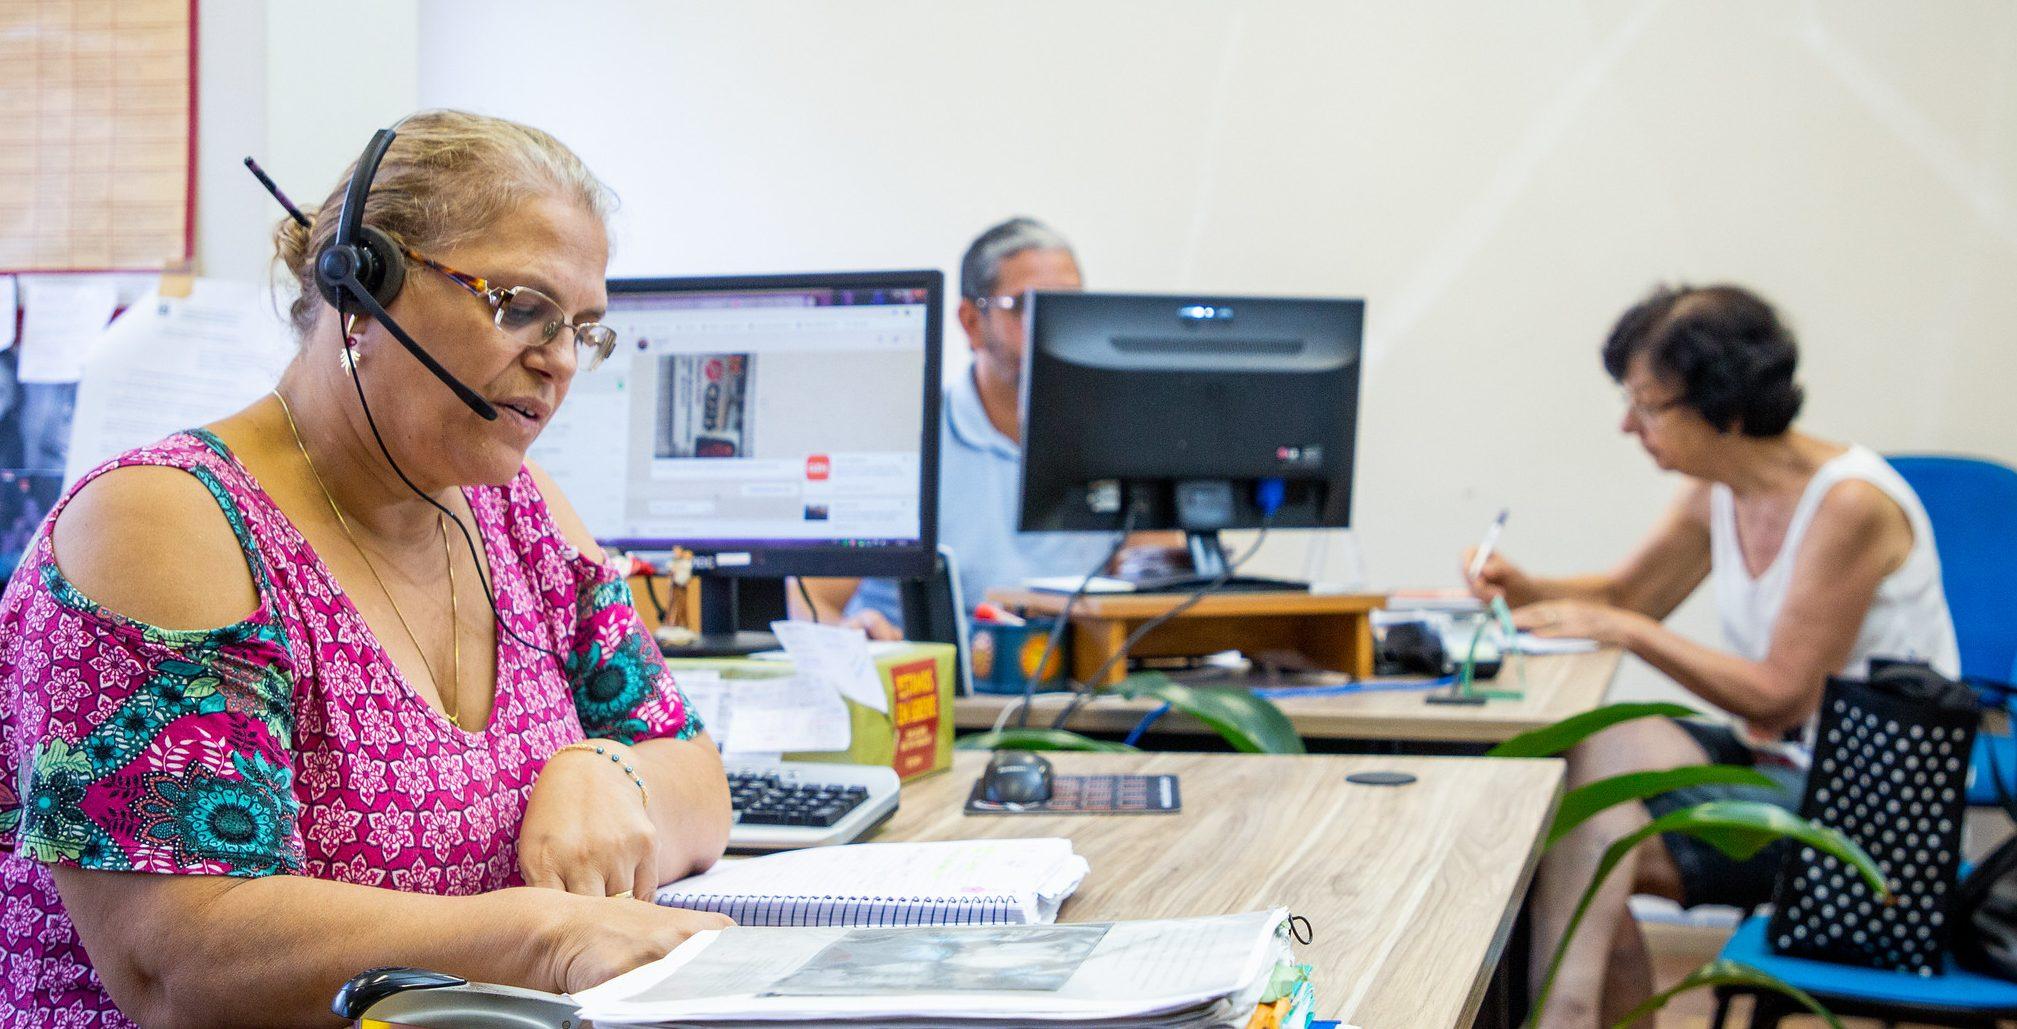 CPERS mantém suspensas atividades presenciais nas sedes e nos núcleos, saiba como contatar nossos serviços